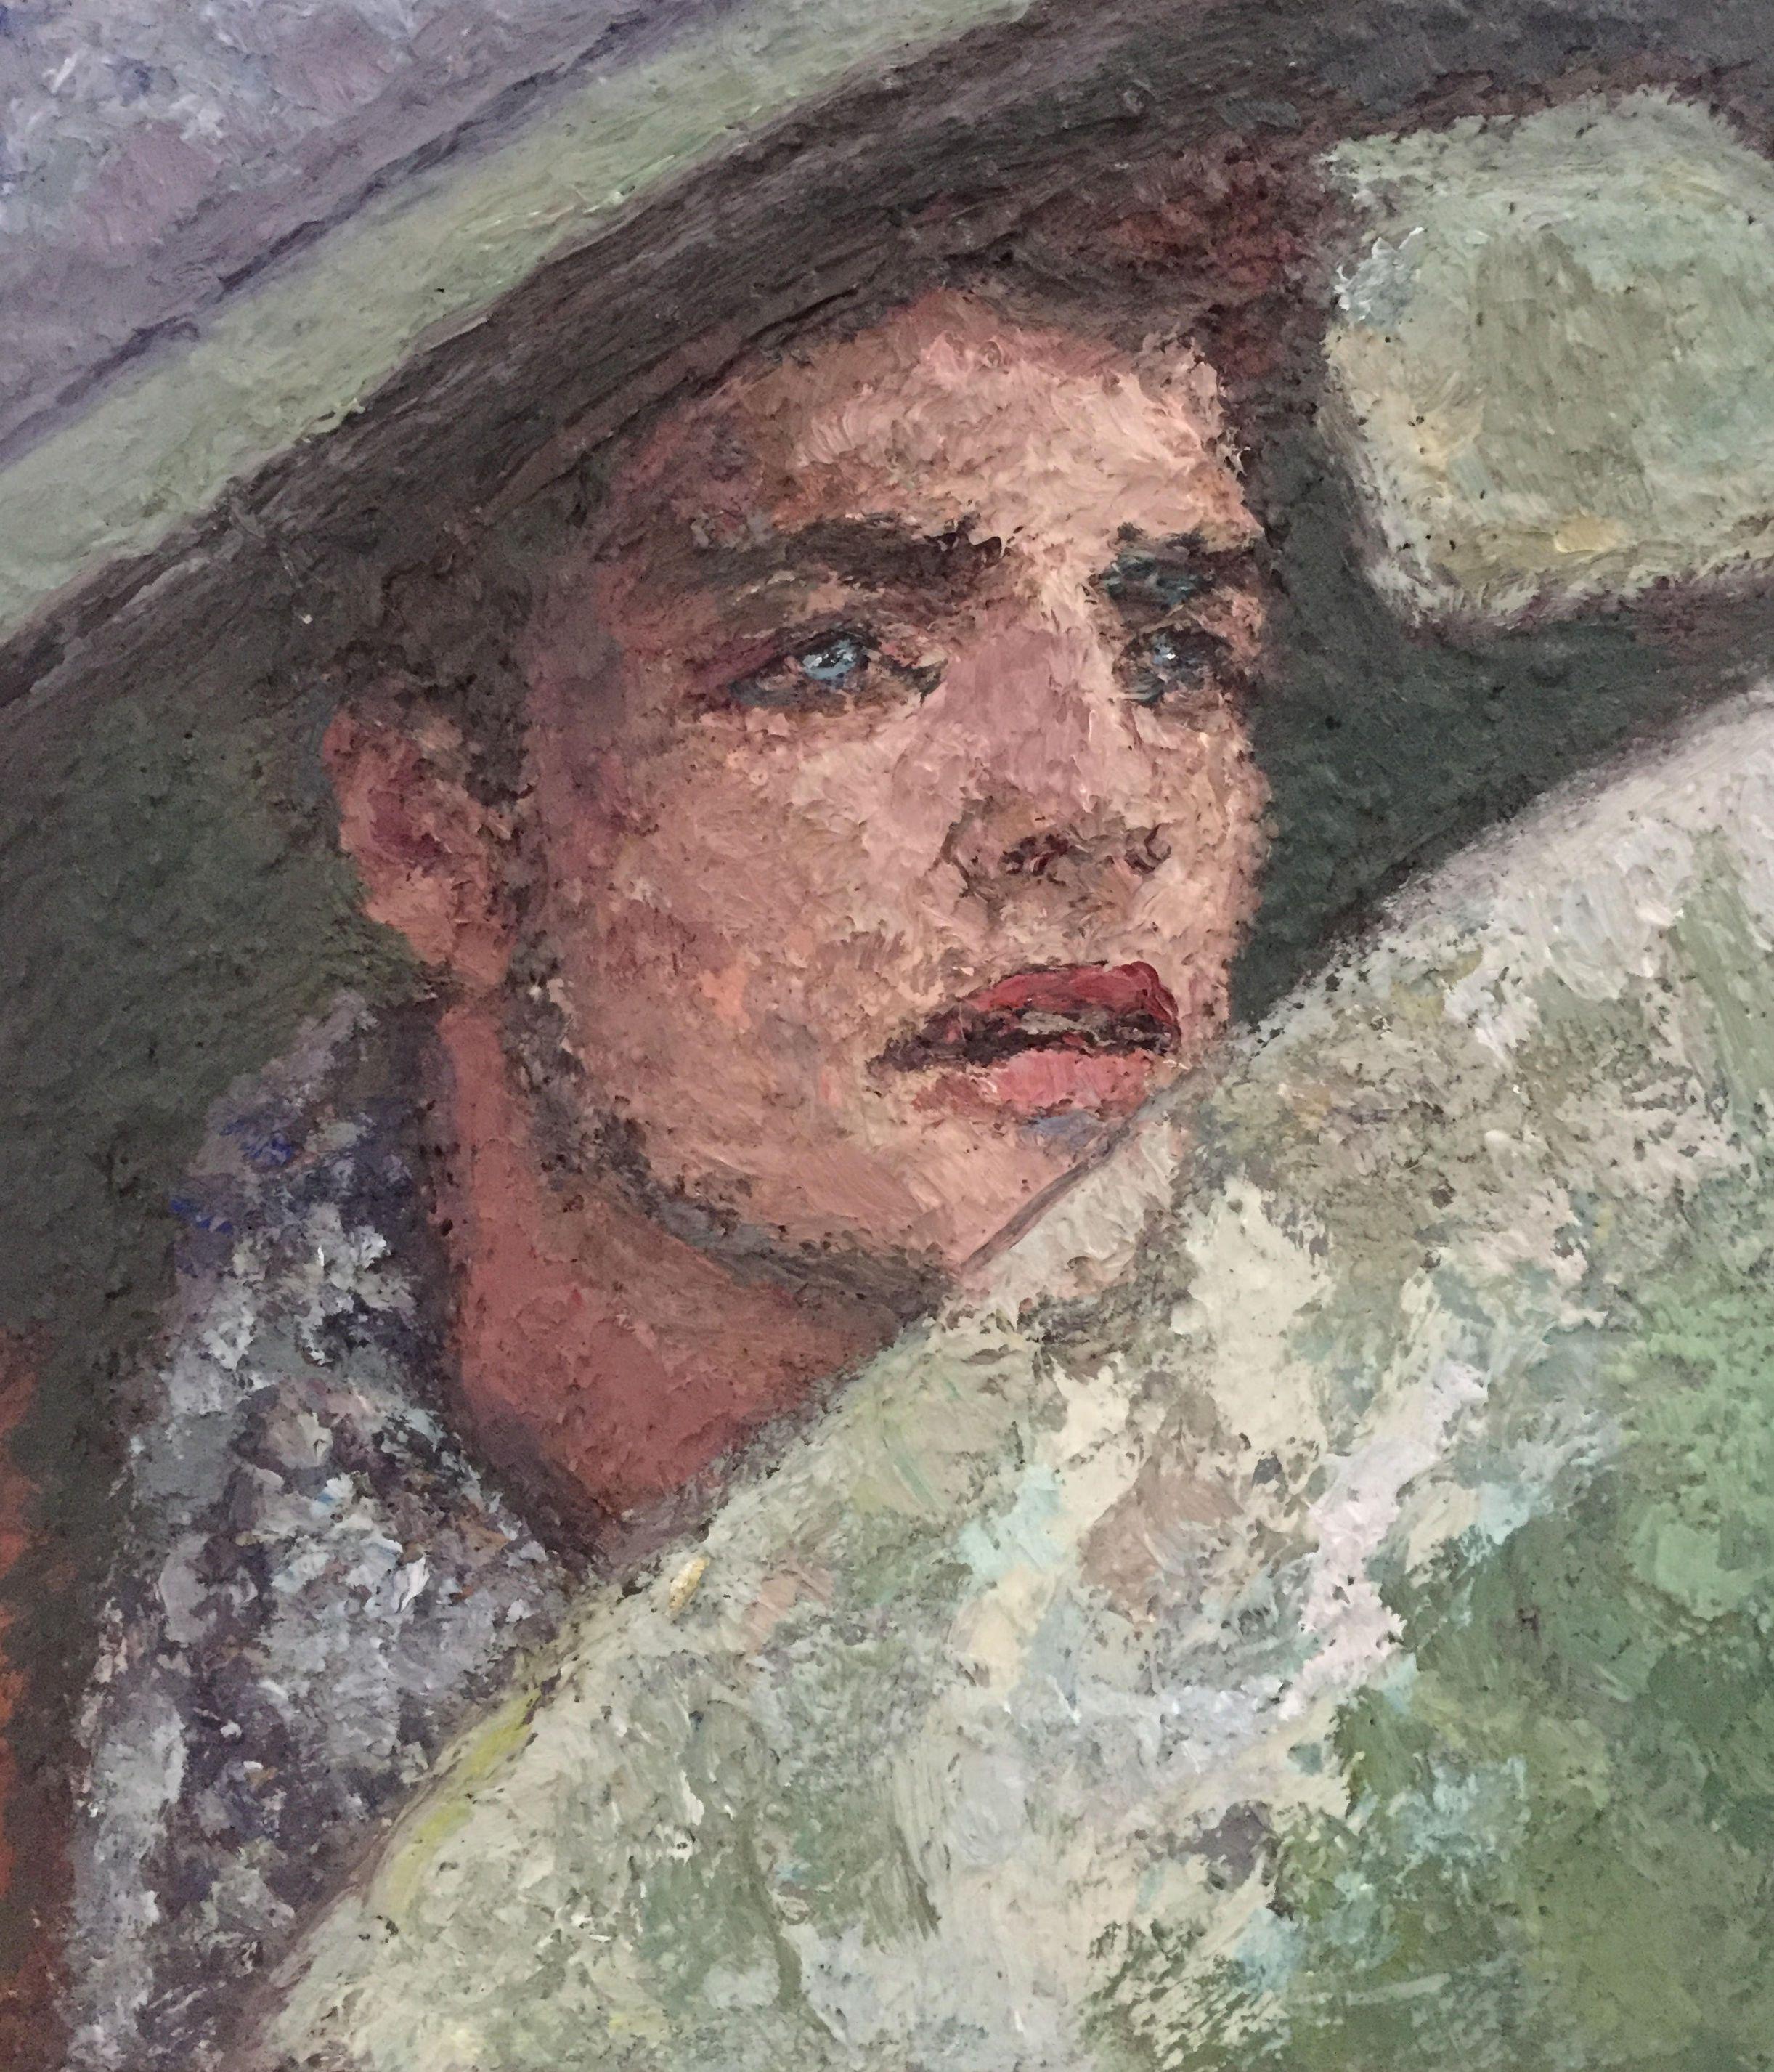 Yisrael Dror Hemed, Side Window, 2015, reworked 2016, Oil on canvas, 40x30 cm